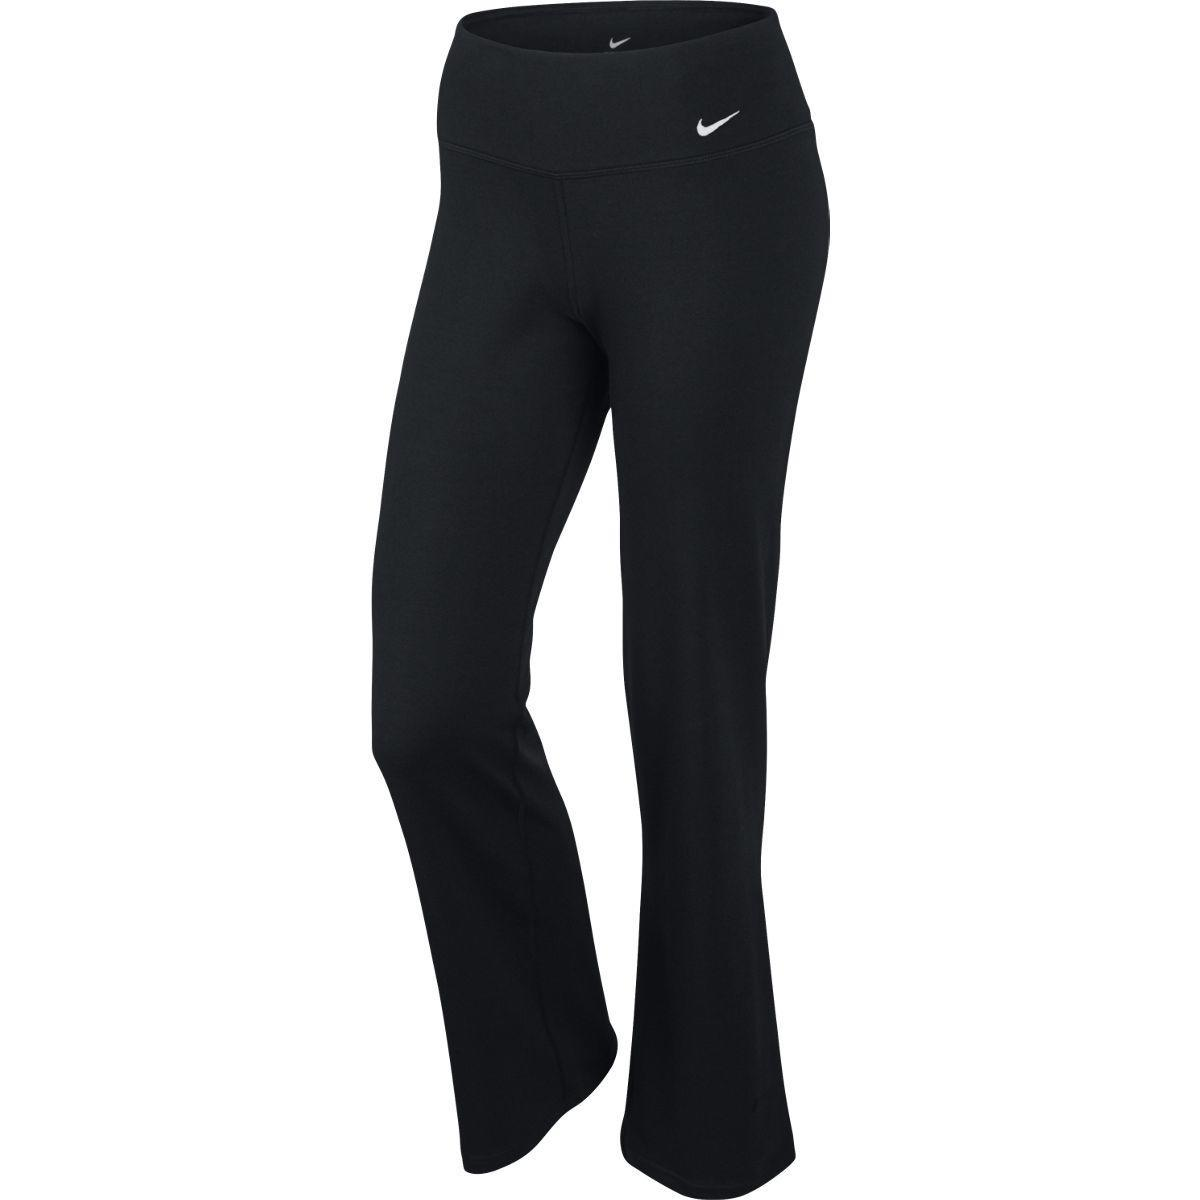 0c3aa0751c Nike Womens Dri-FIT Cotton Legend 2.0 Pants - Black - Tennisnuts.com